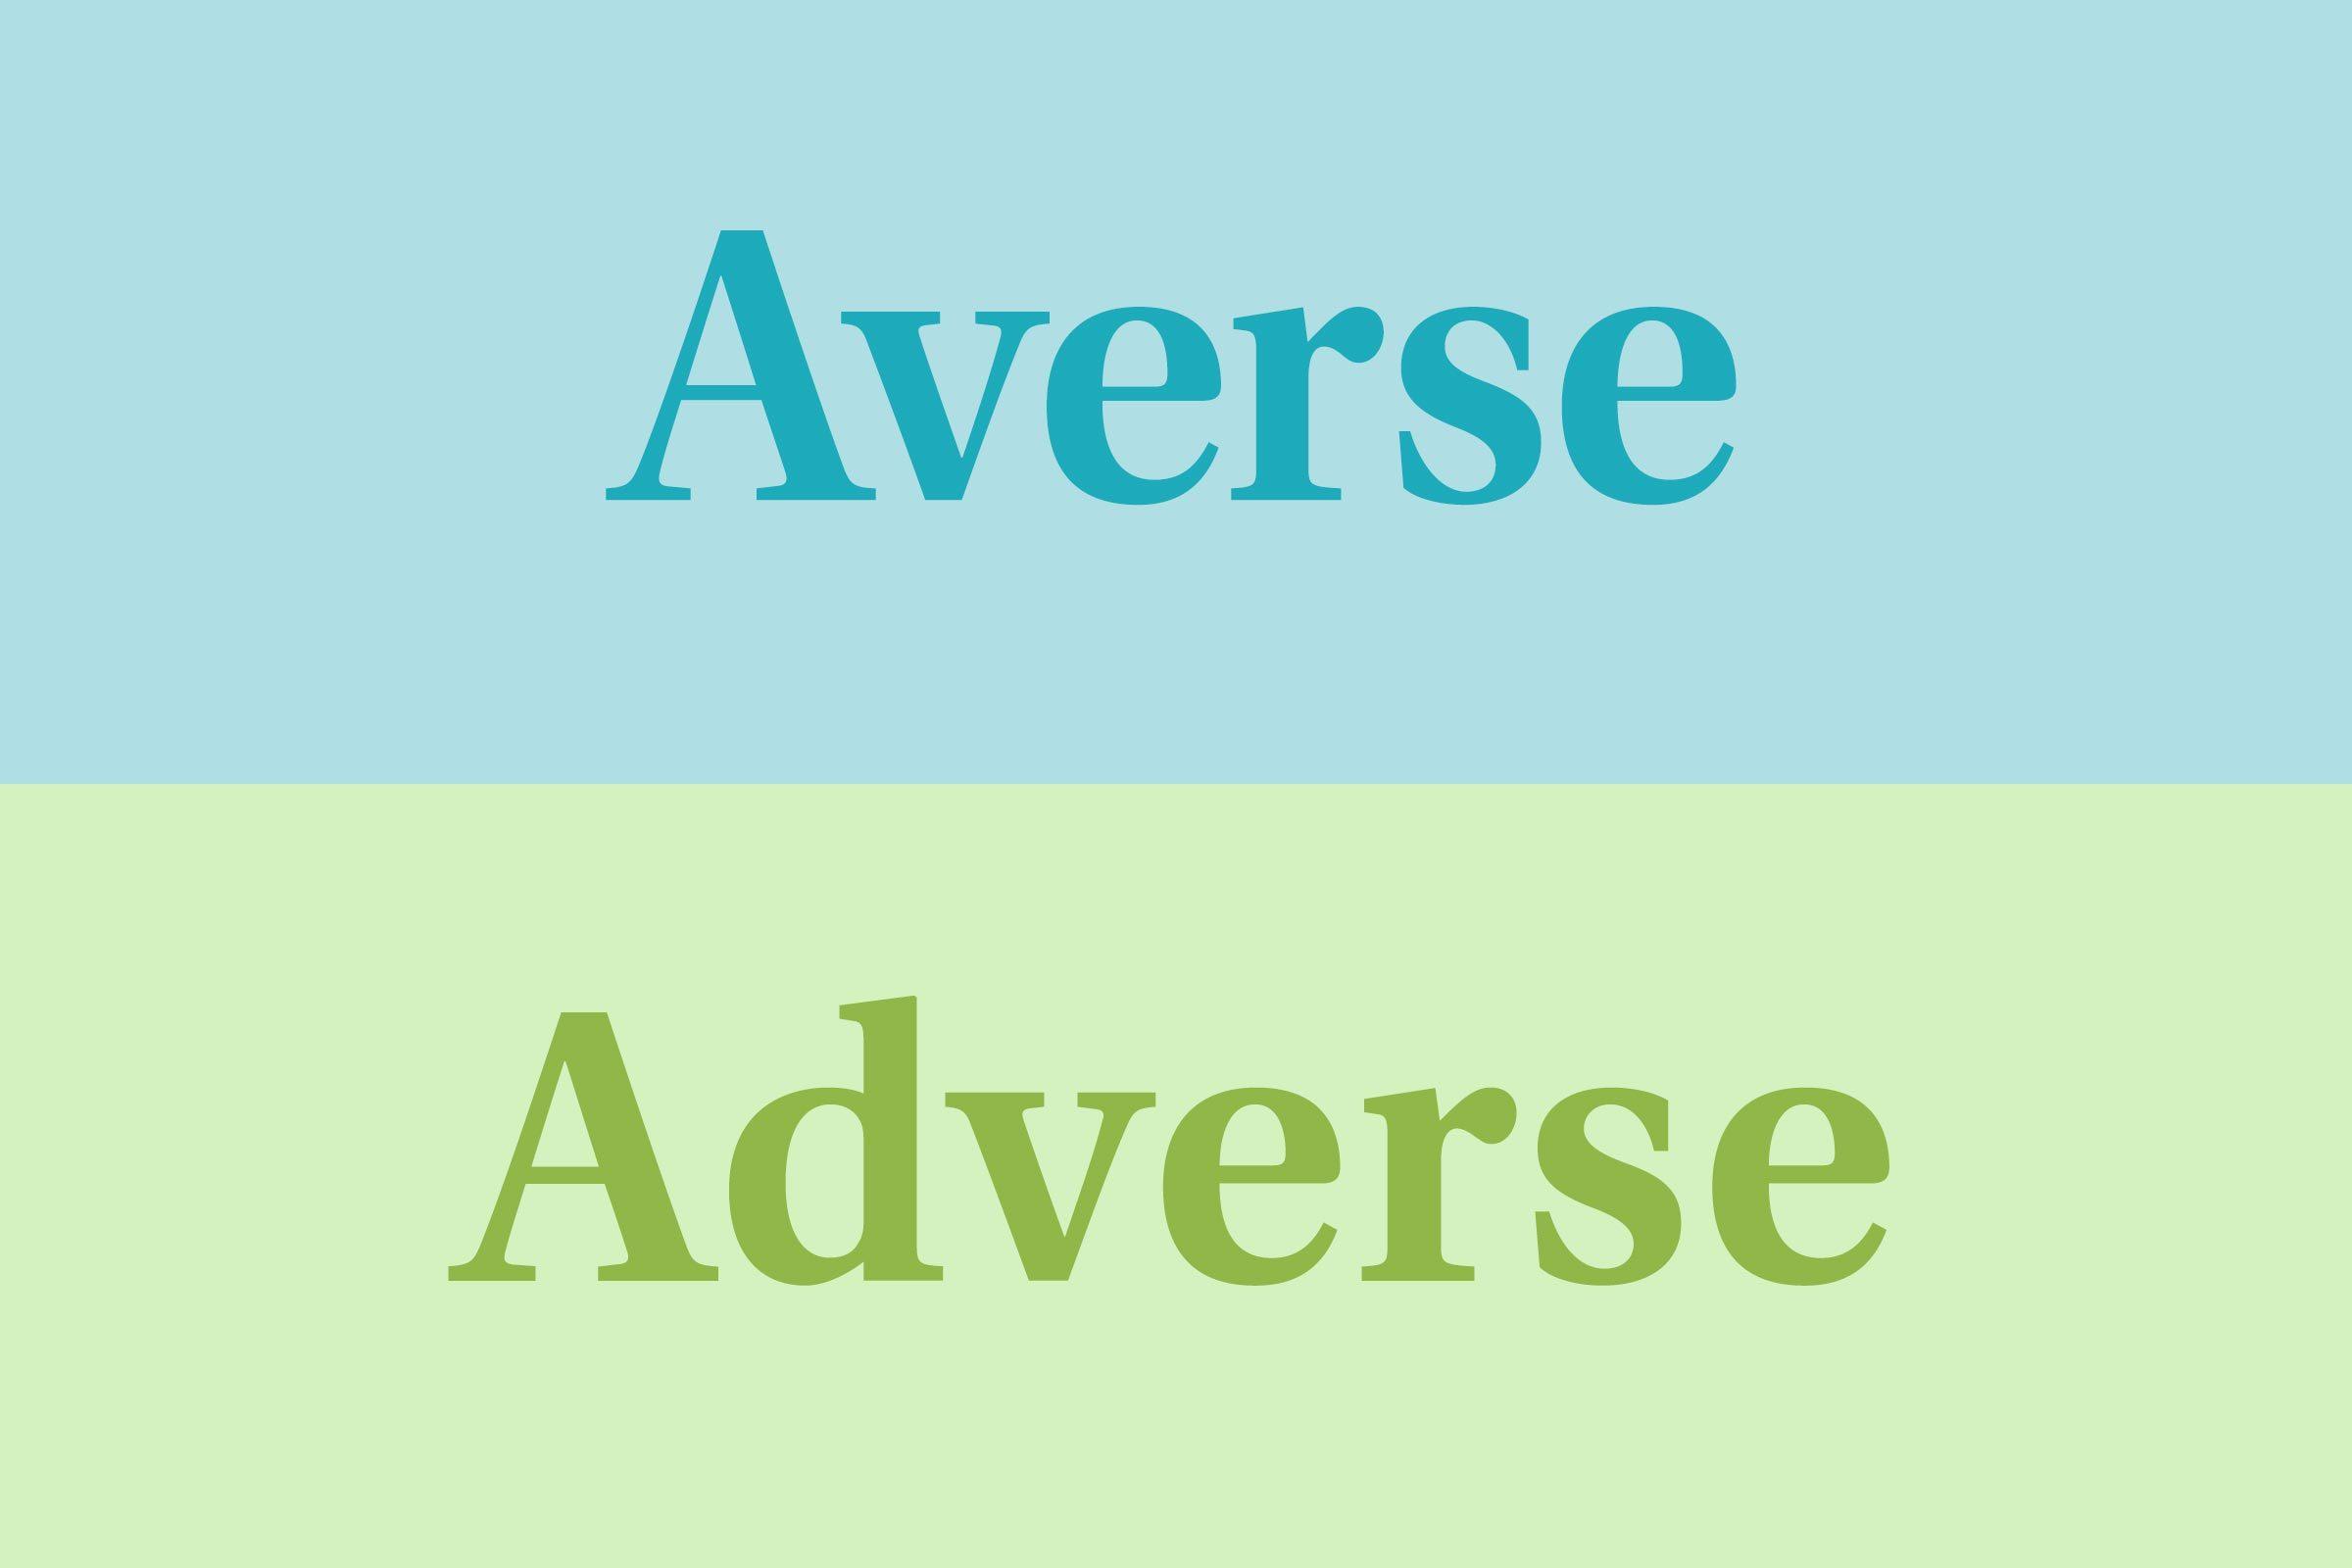 Averse vs. adverse